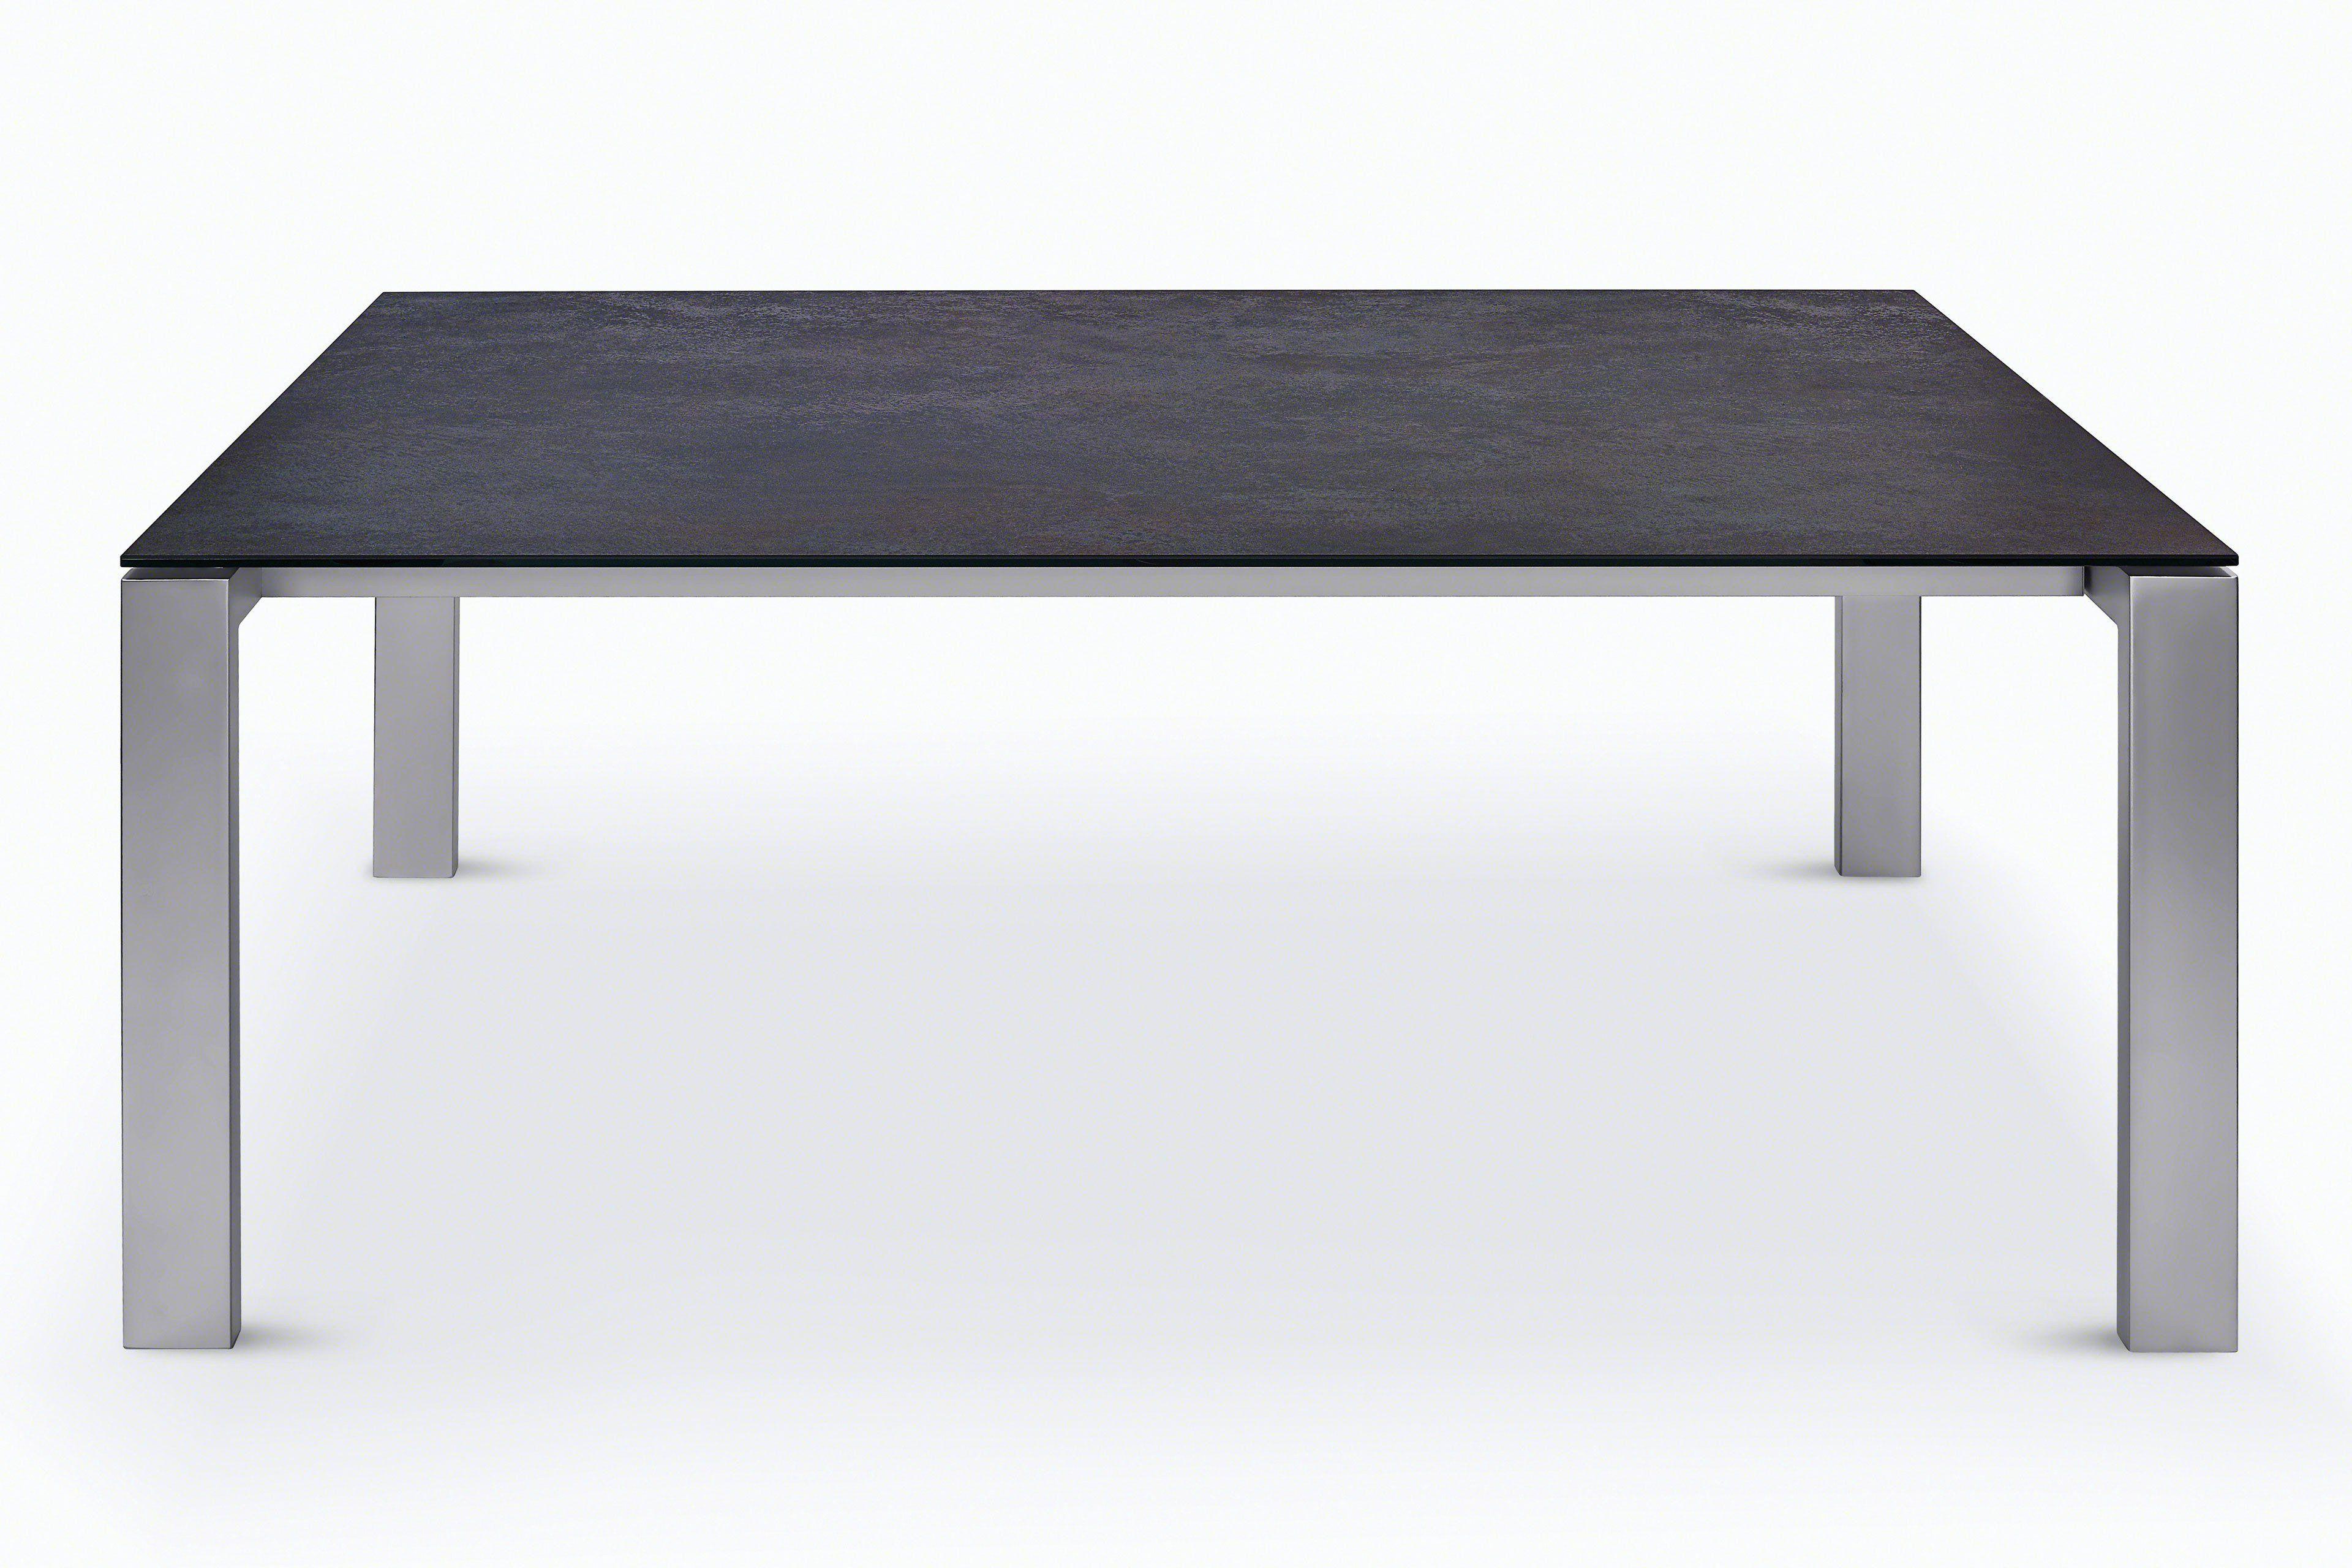 Tisch Ausziehbar Keramikplatte.Wunderbar Esstisch Mit Keramikplatte Ausziehbar Dining